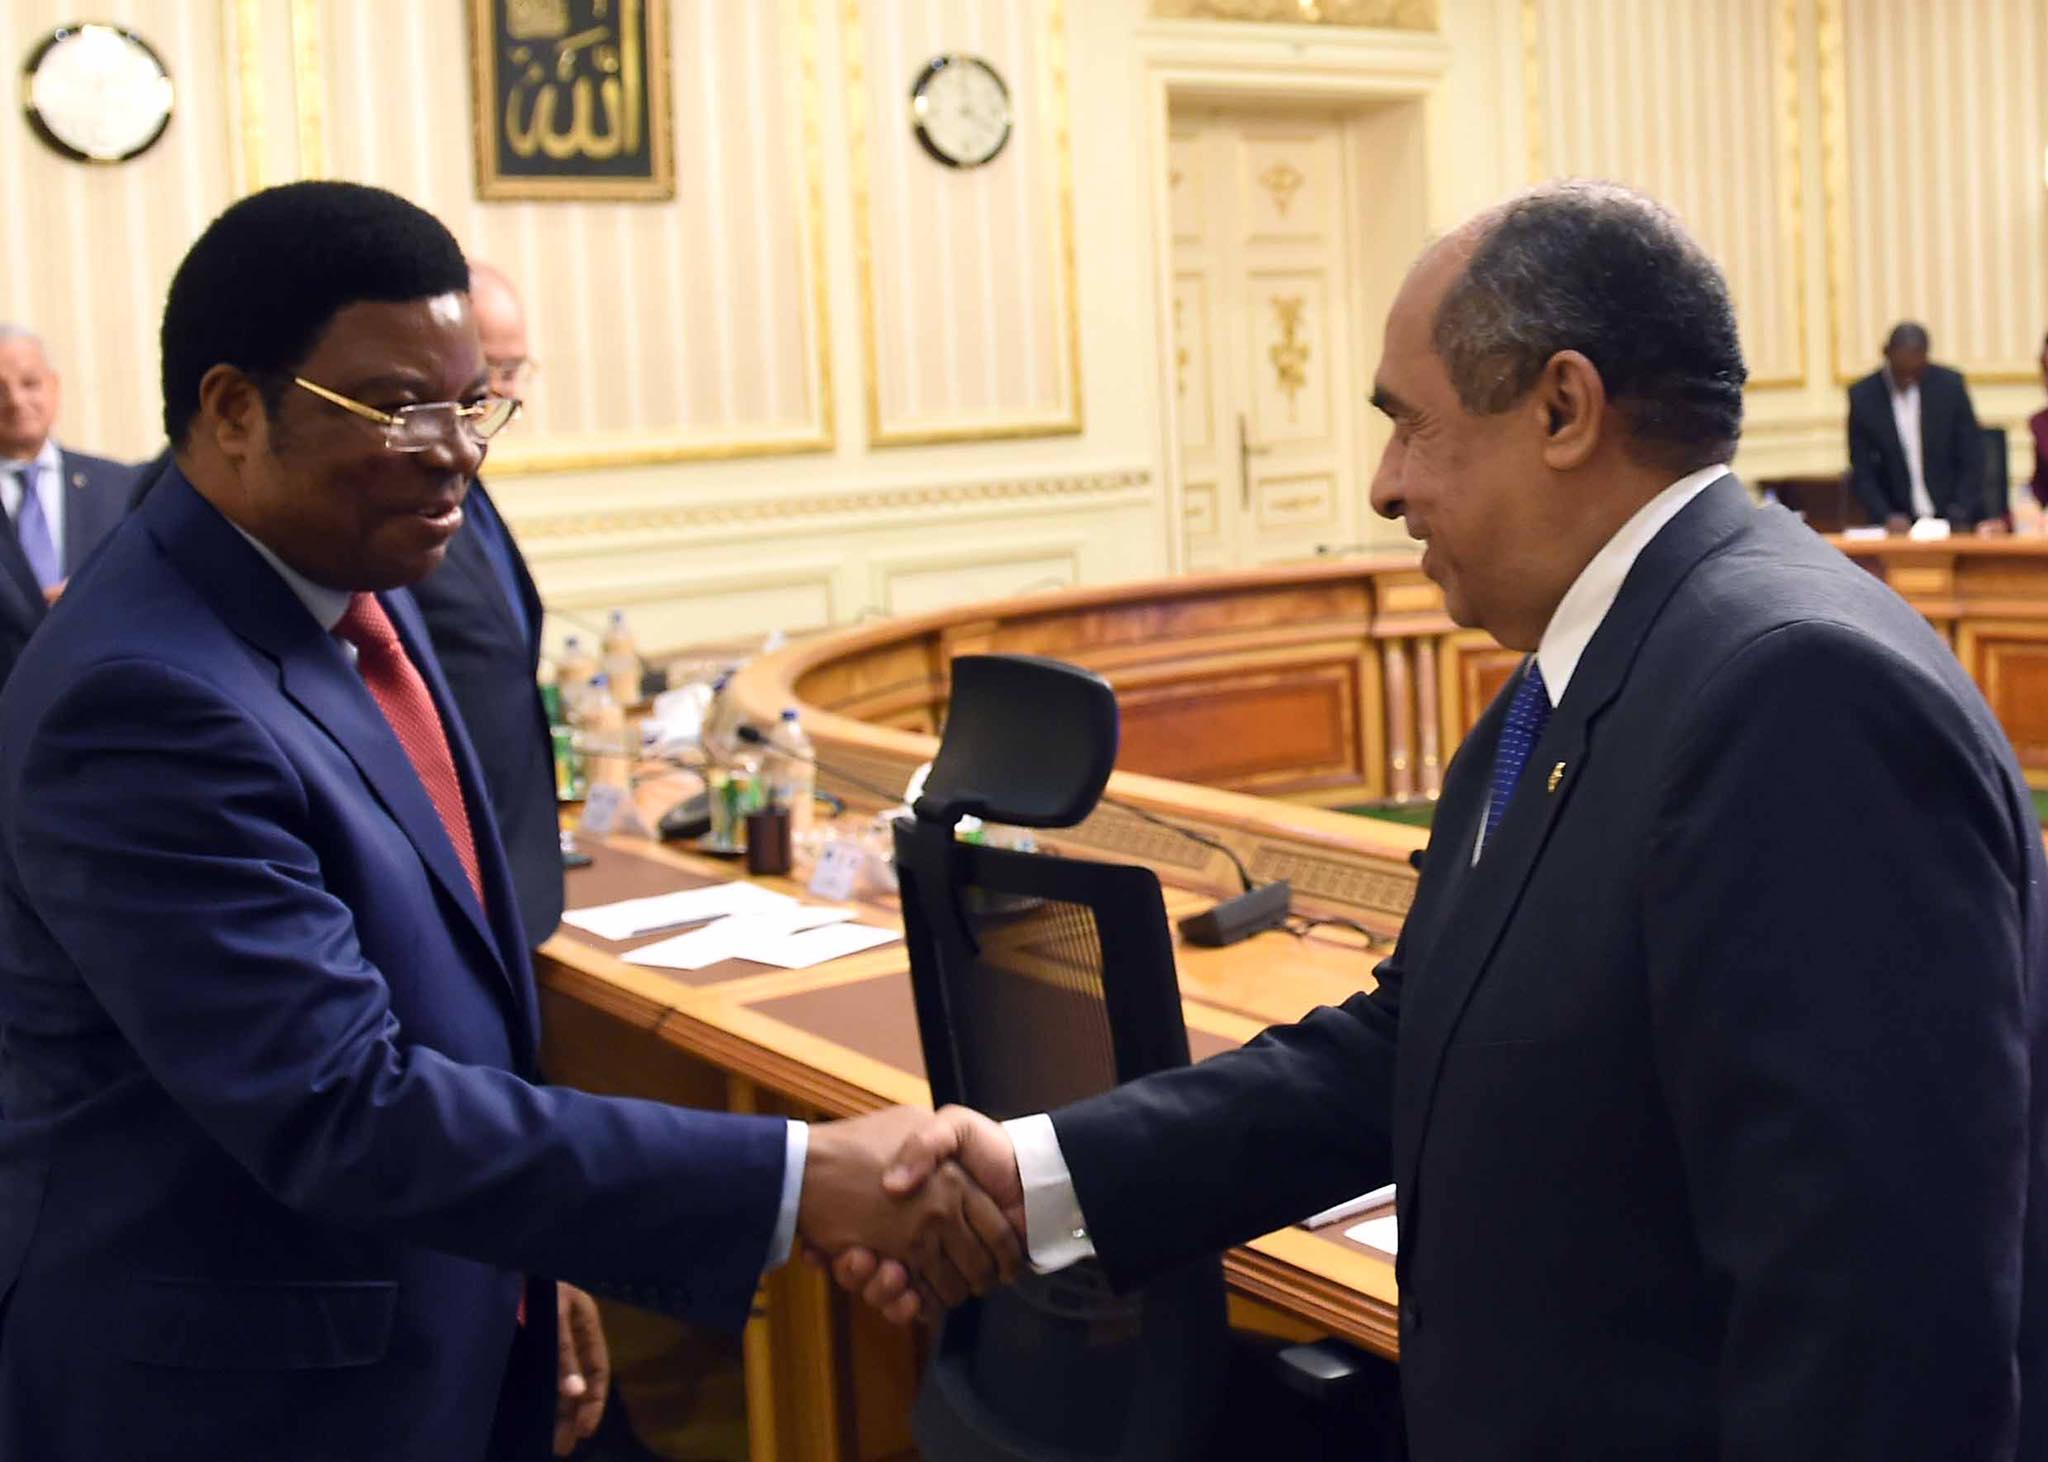 صور   رئيس الوزراء : حريصون على تعزيز العلاقات الثنائية مع تنزانيا في كافة المجالات